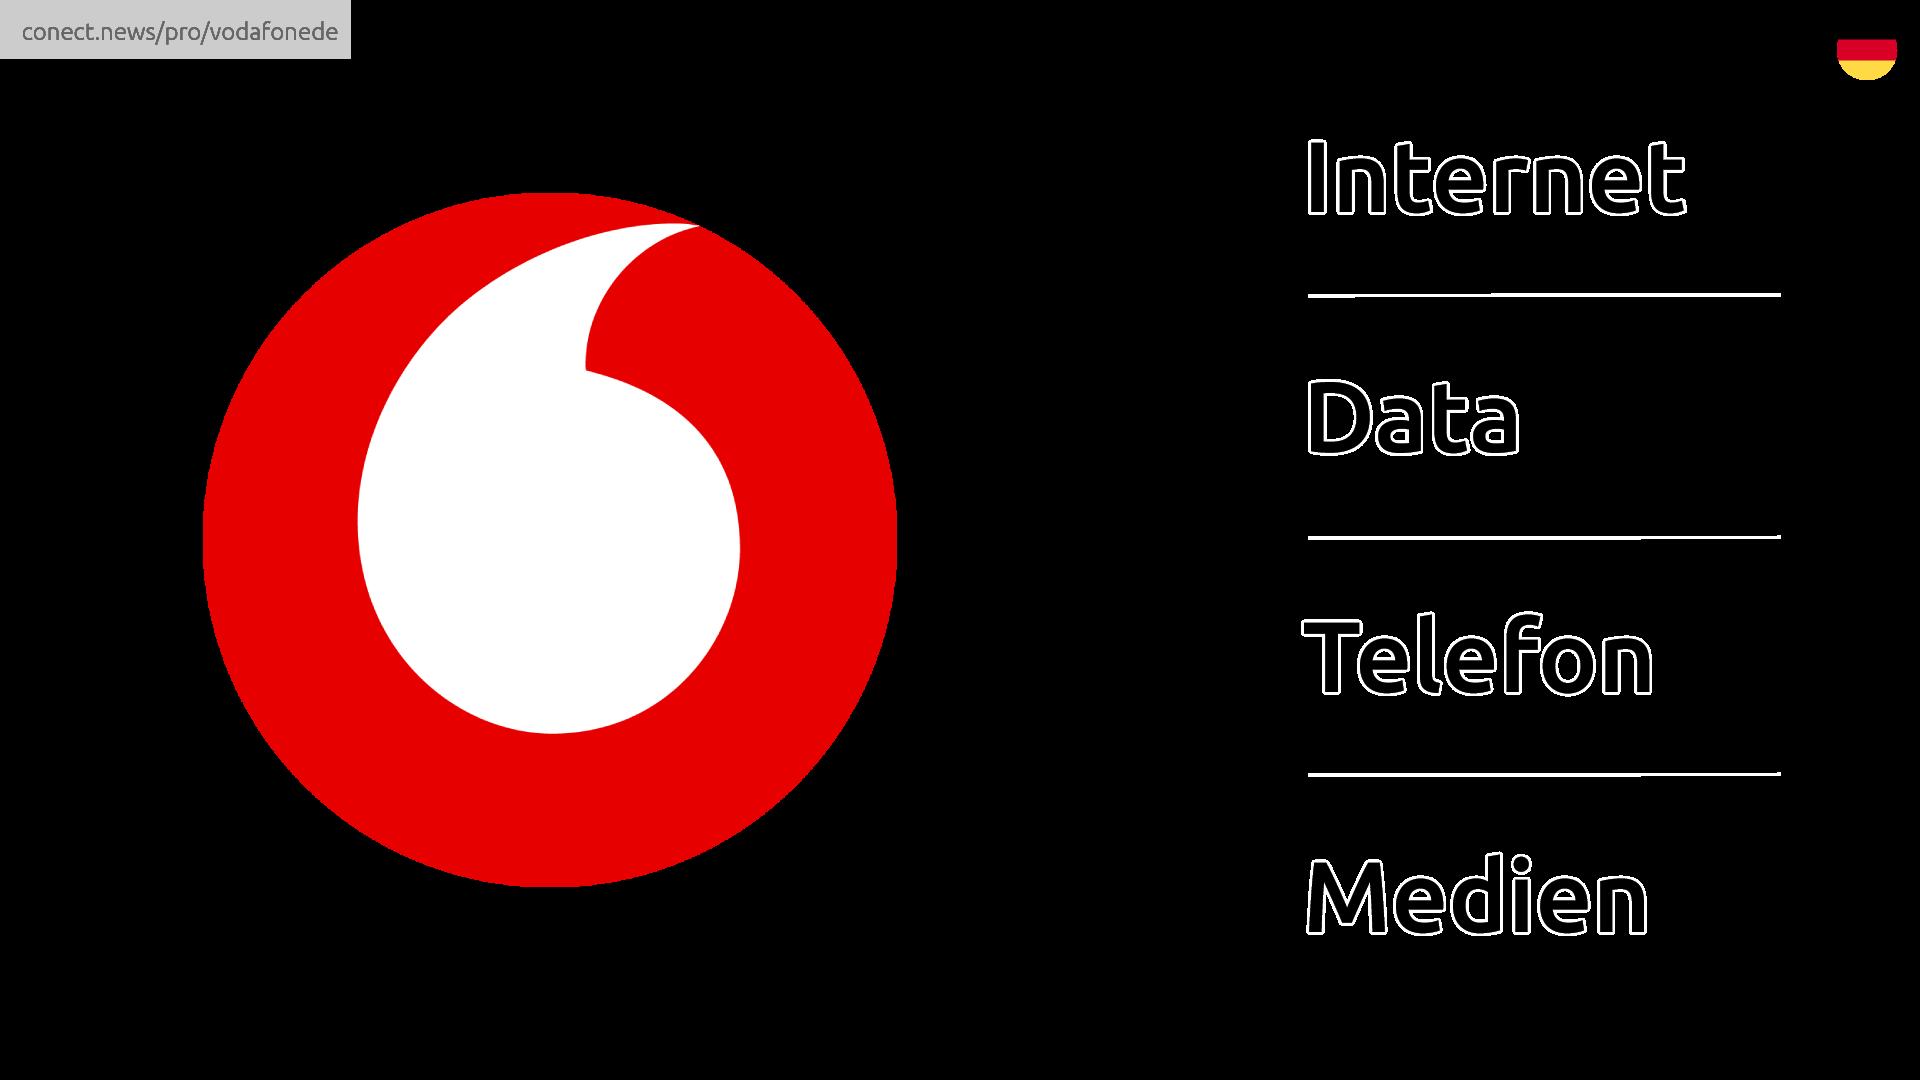 Vodafone Deutschland @conect_news